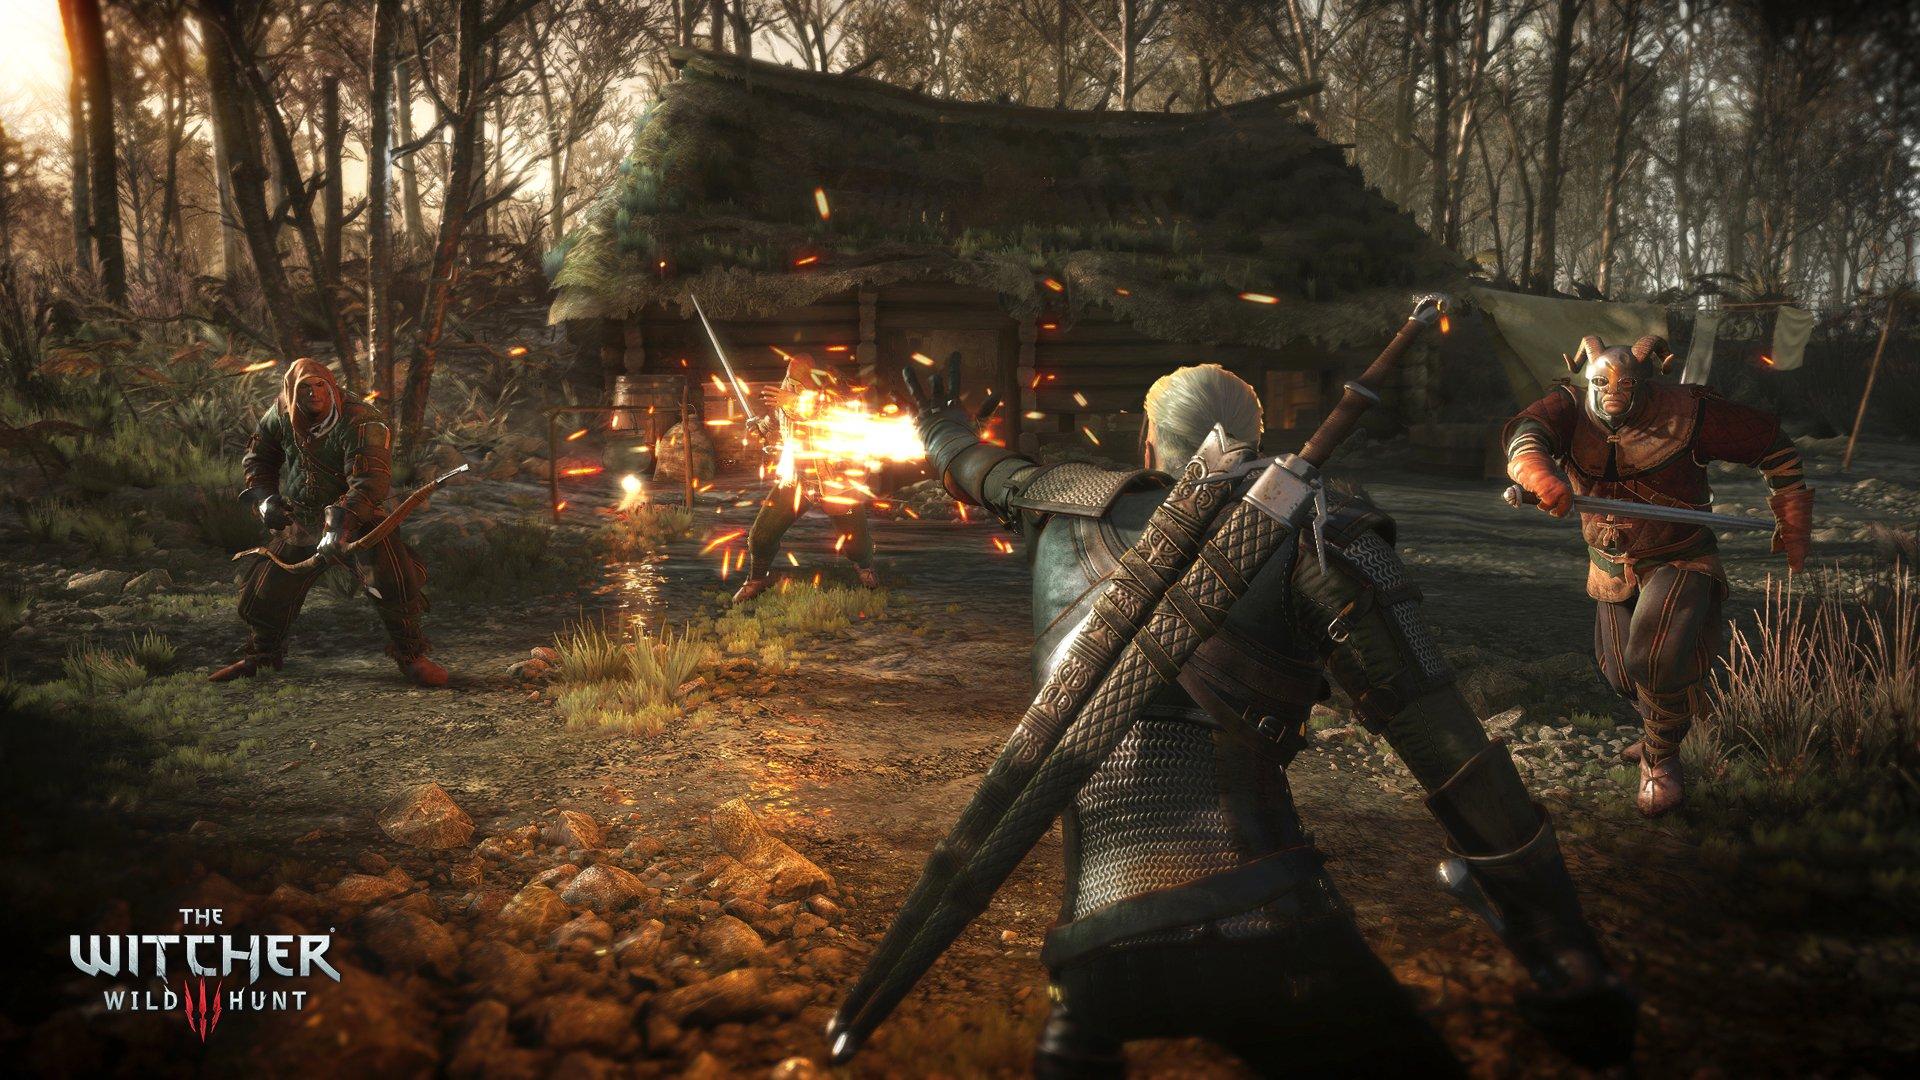 The Witcher 3: Wild Hunt. Все самое интересное за прошедшее время.   Новые факты о игре.   • Появилось огромное коли ... - Изображение 6